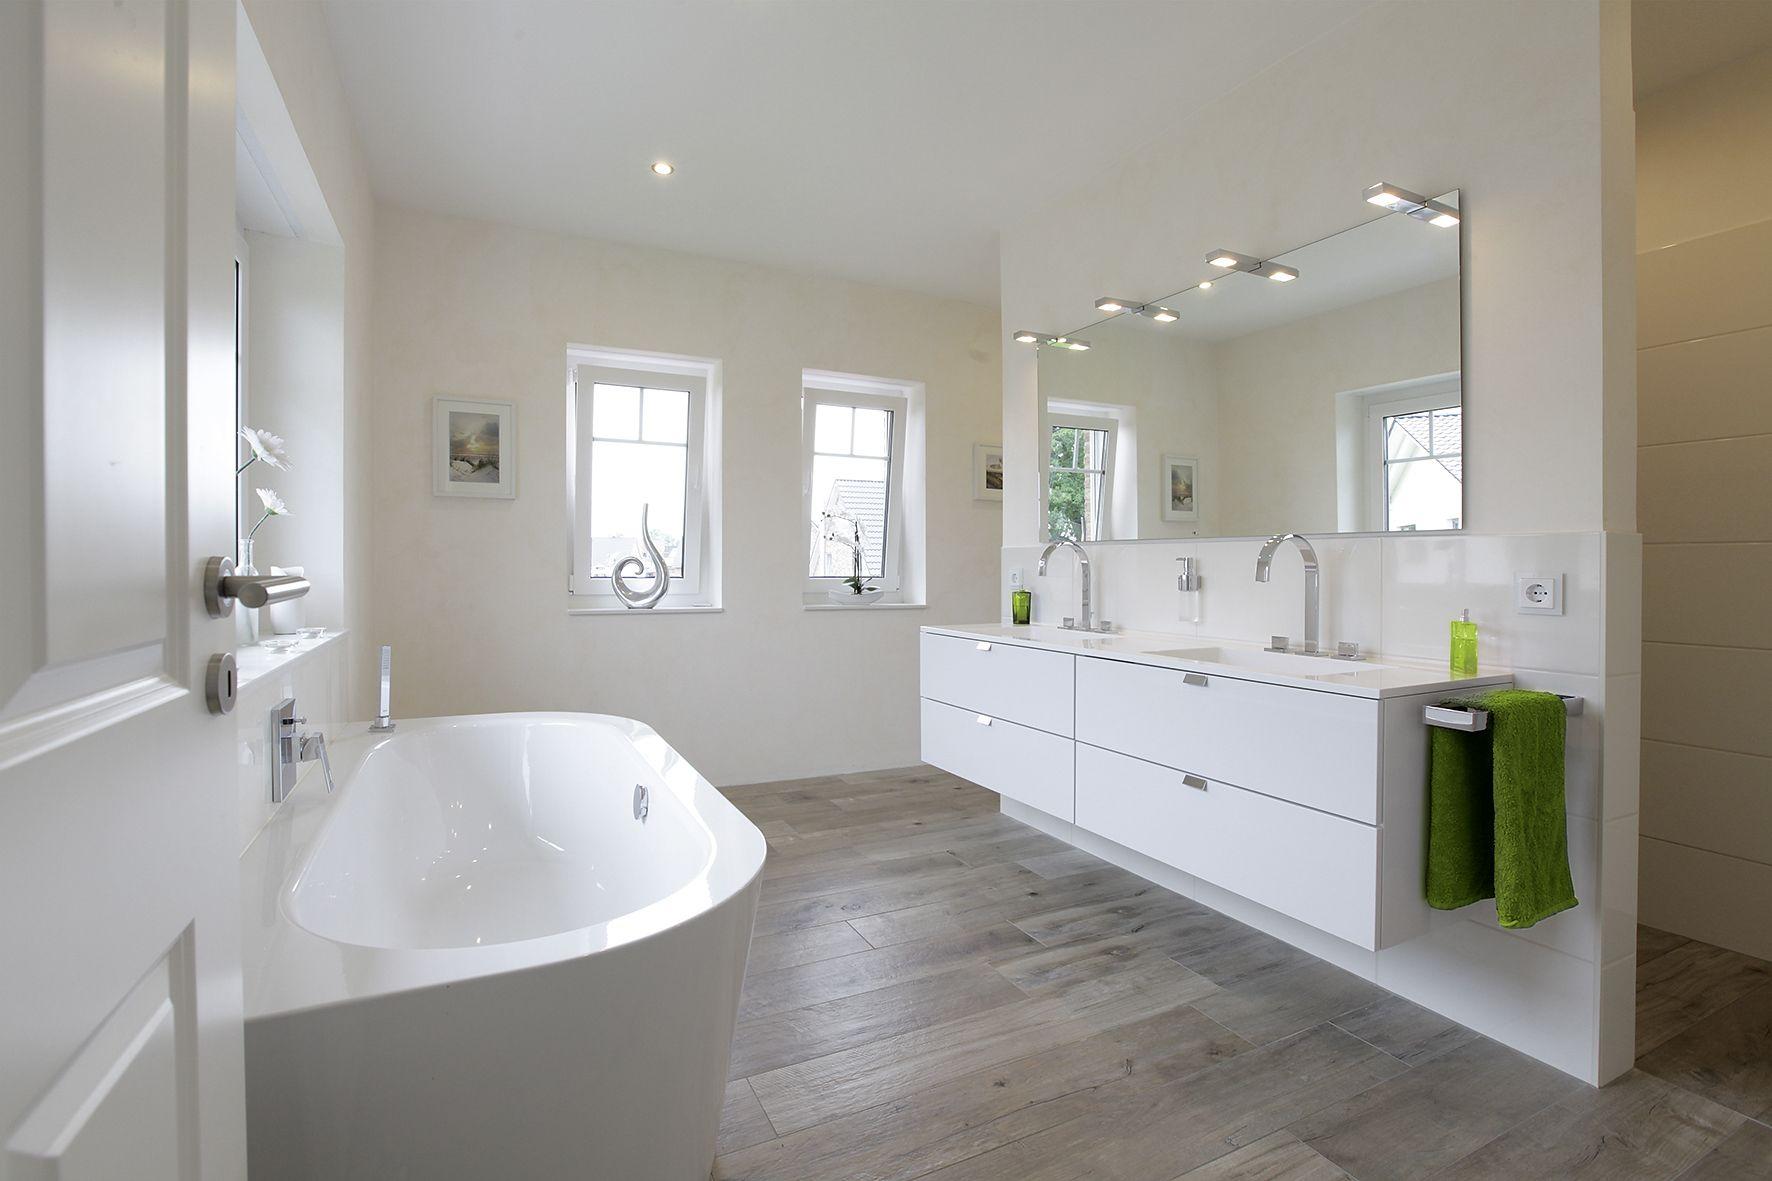 Grosses Badezimmer Mit Gefliester Dusche Doppelwaschtisch Und Stylischer Badewanne Dusche Fliesen Grosse Badezimmer Doppelwaschtisch